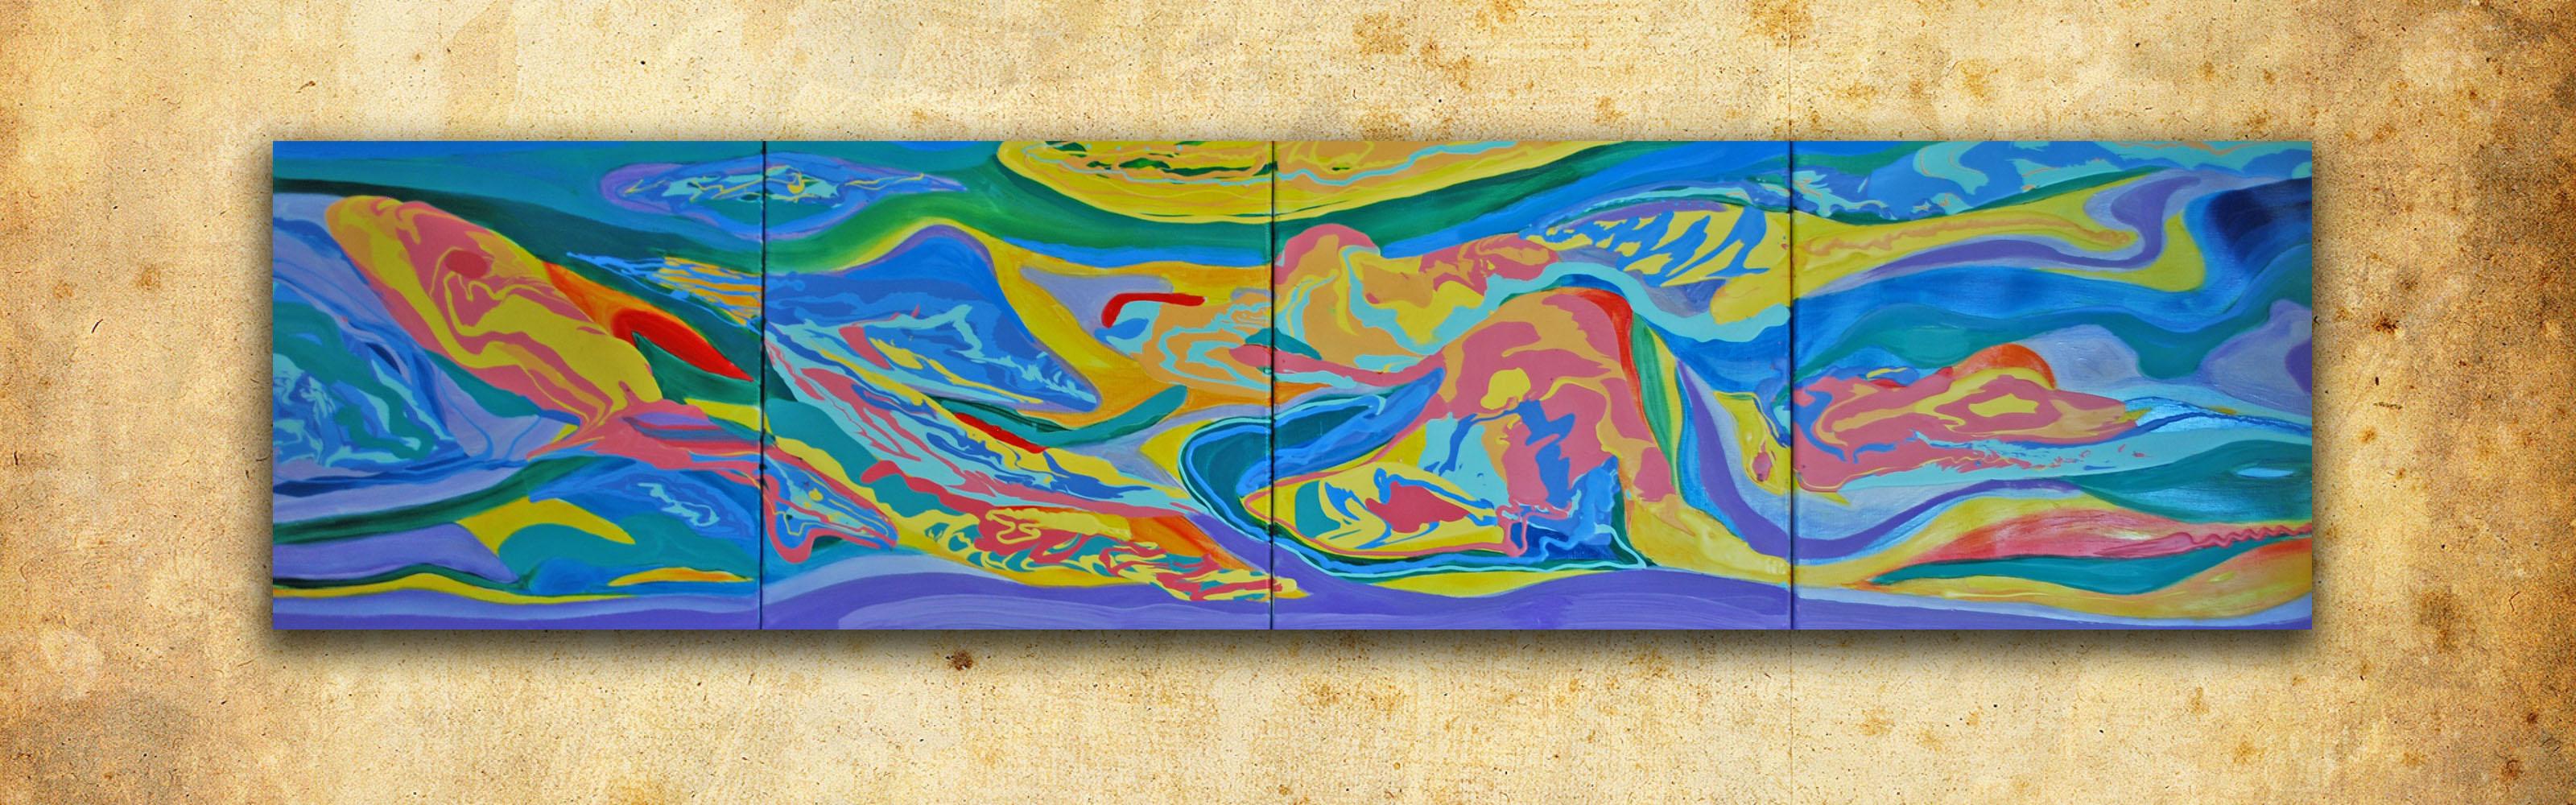 Купить абстрактную картину